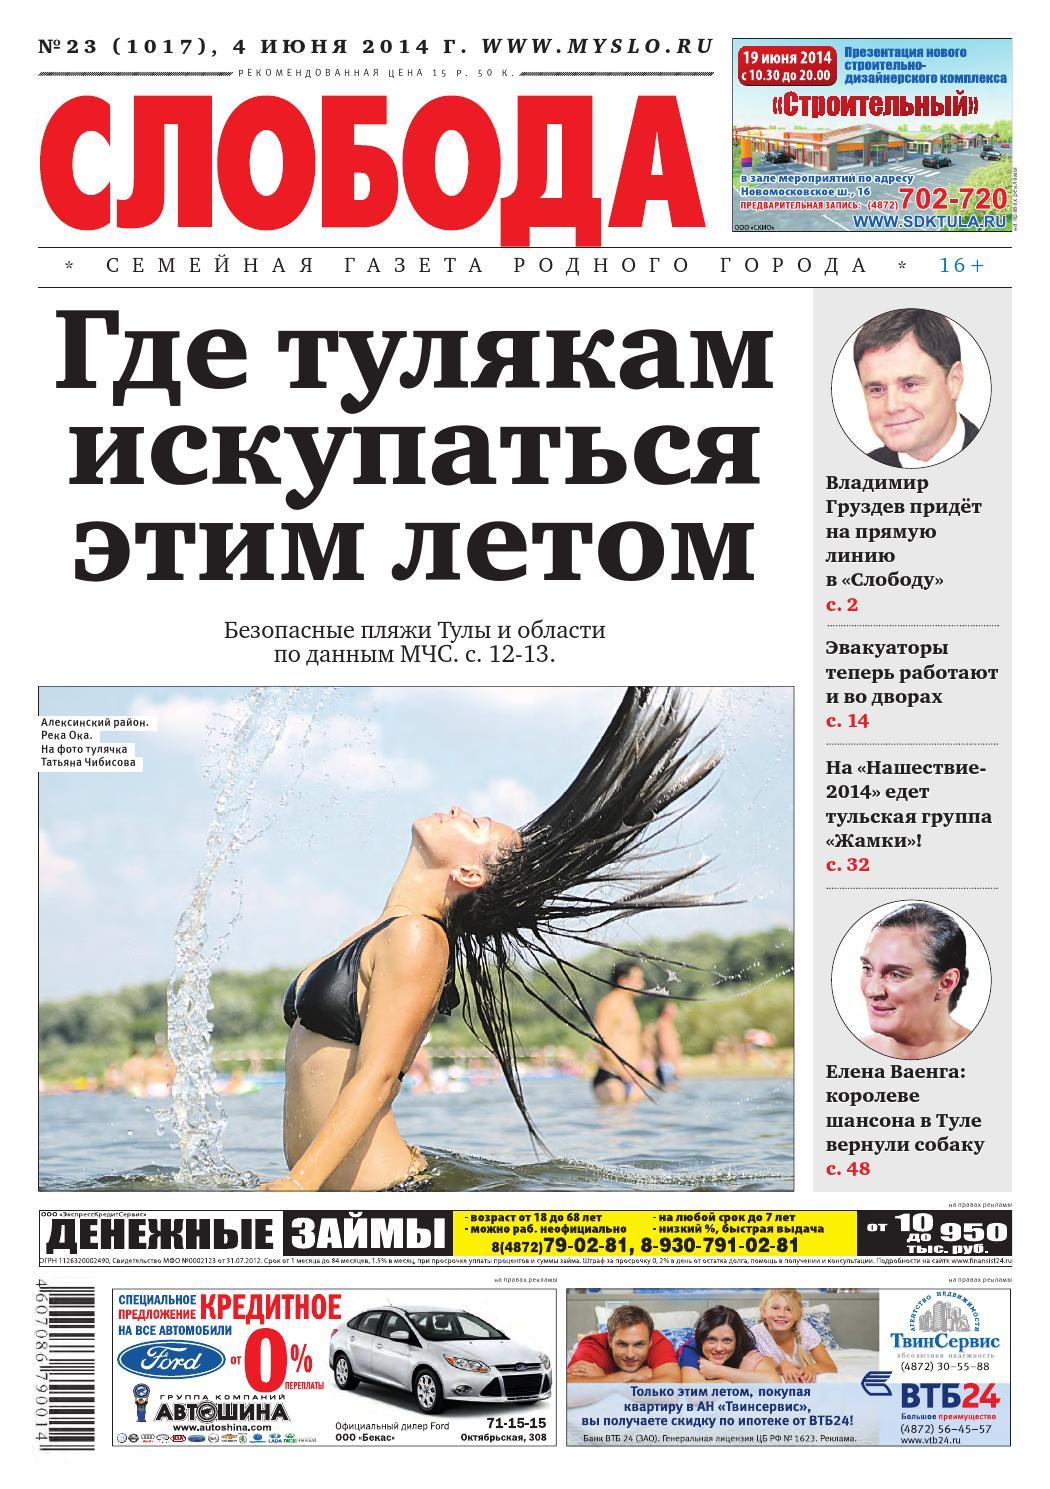 Слобода №23 (1017)  Где тулякам искупаться этим летом by Газета